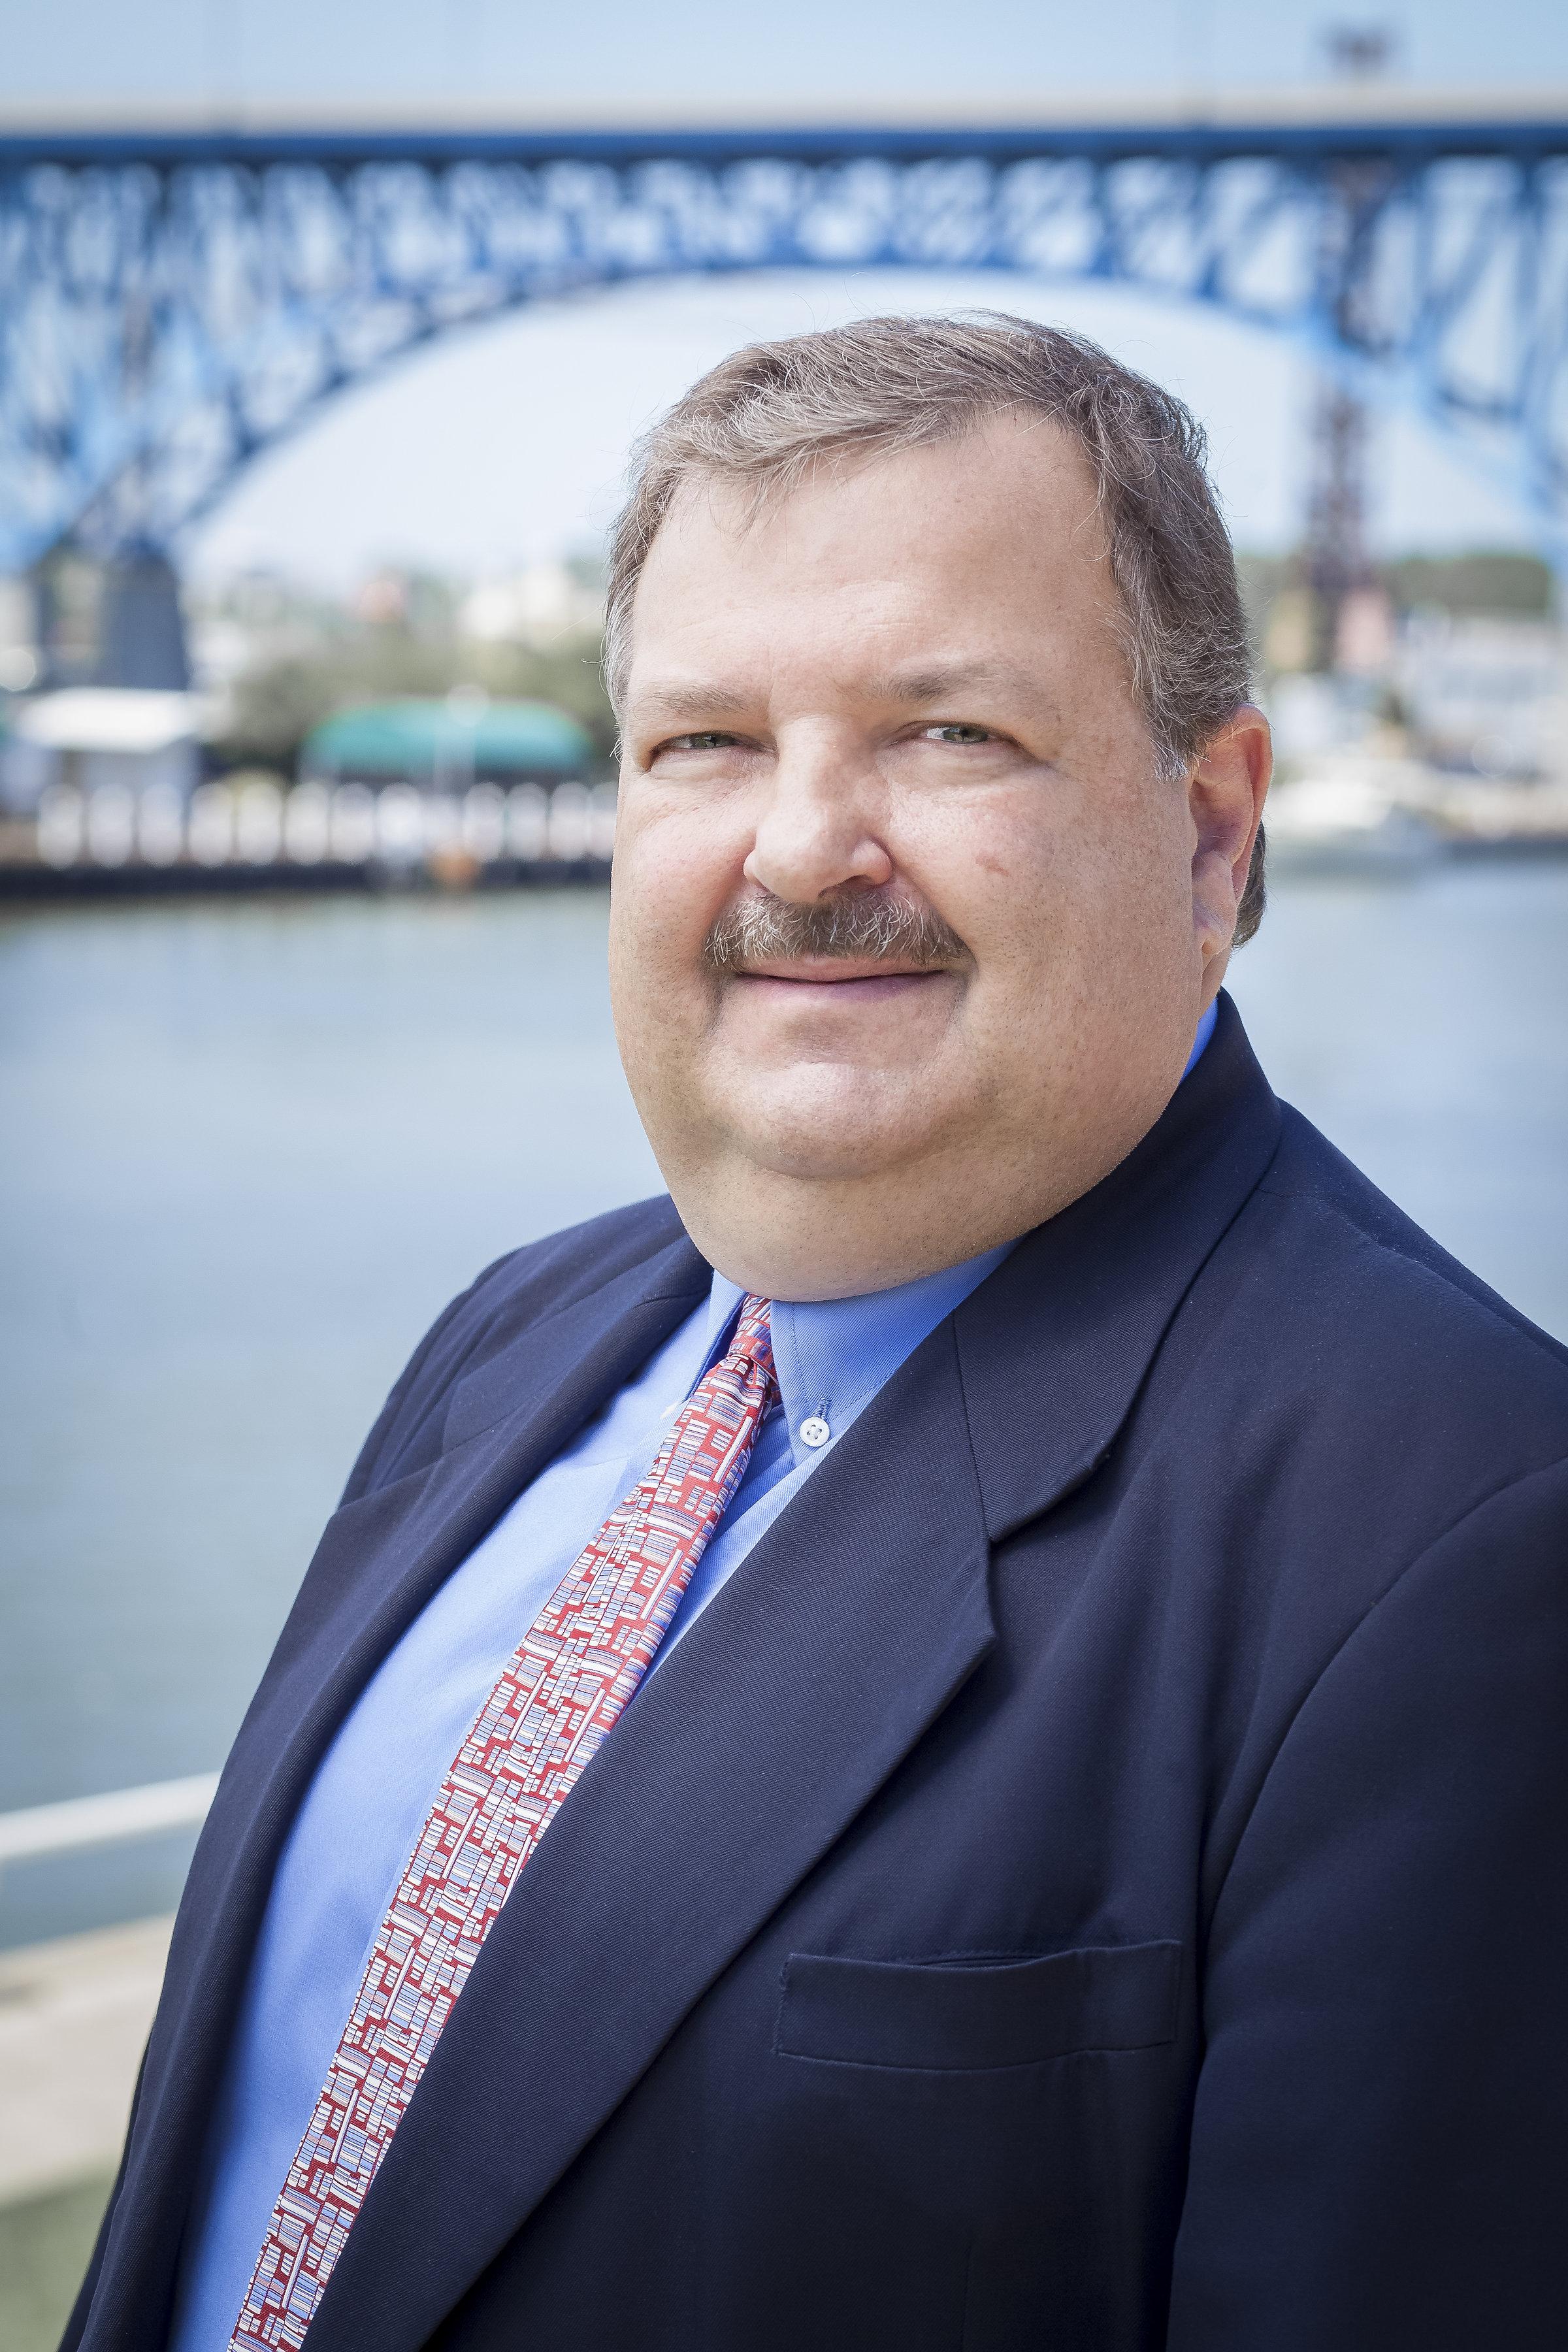 David L. Meyerson